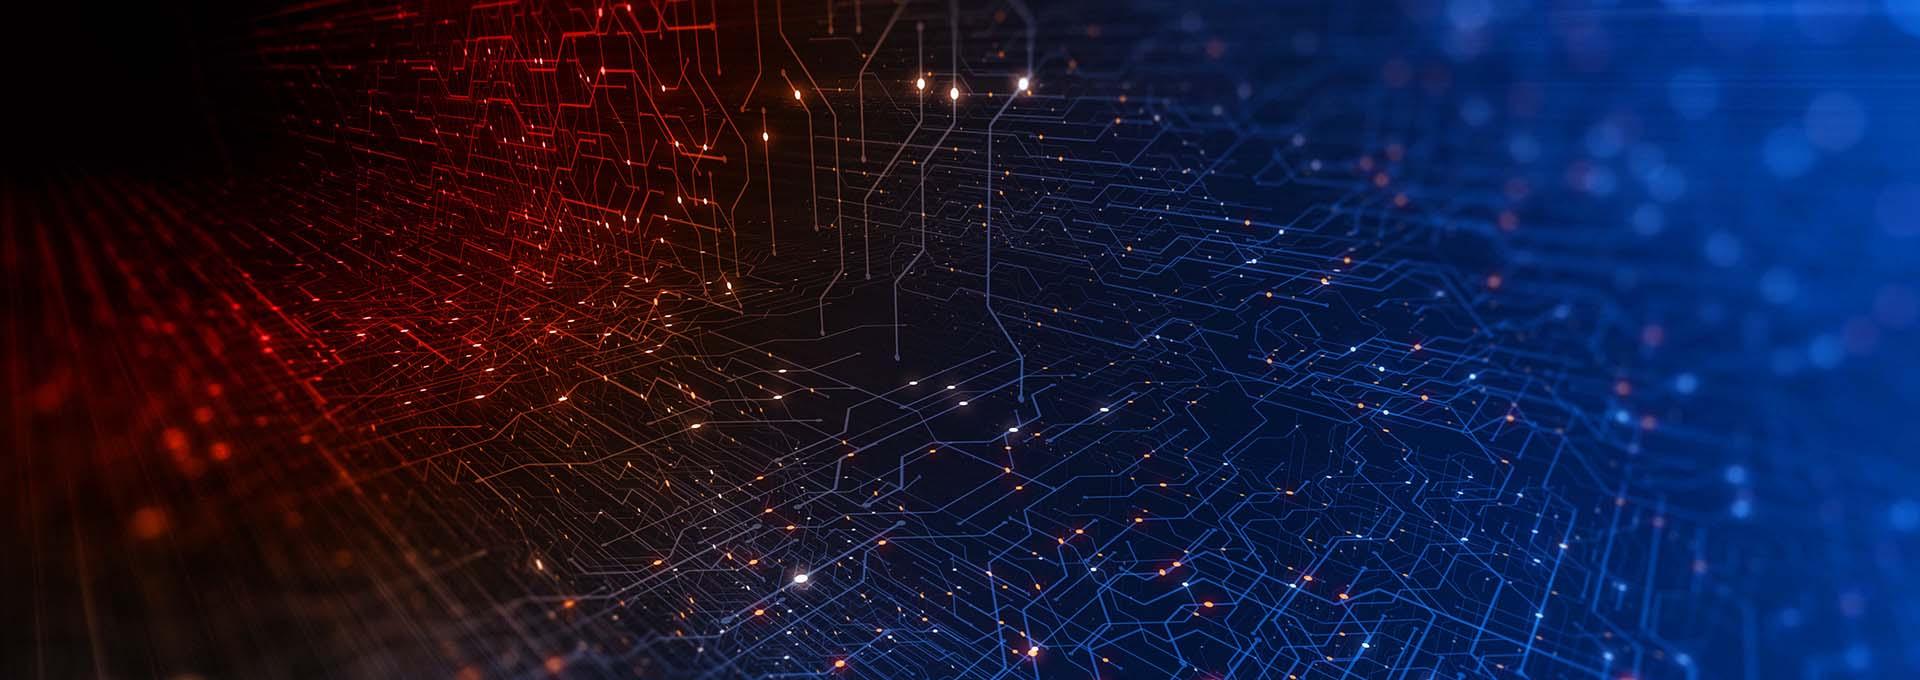 Ett nätverk av anslutna prickar upplysta i rött och blått som symboliserar den digitala världen av vår Oasisnxt Fitting Software.